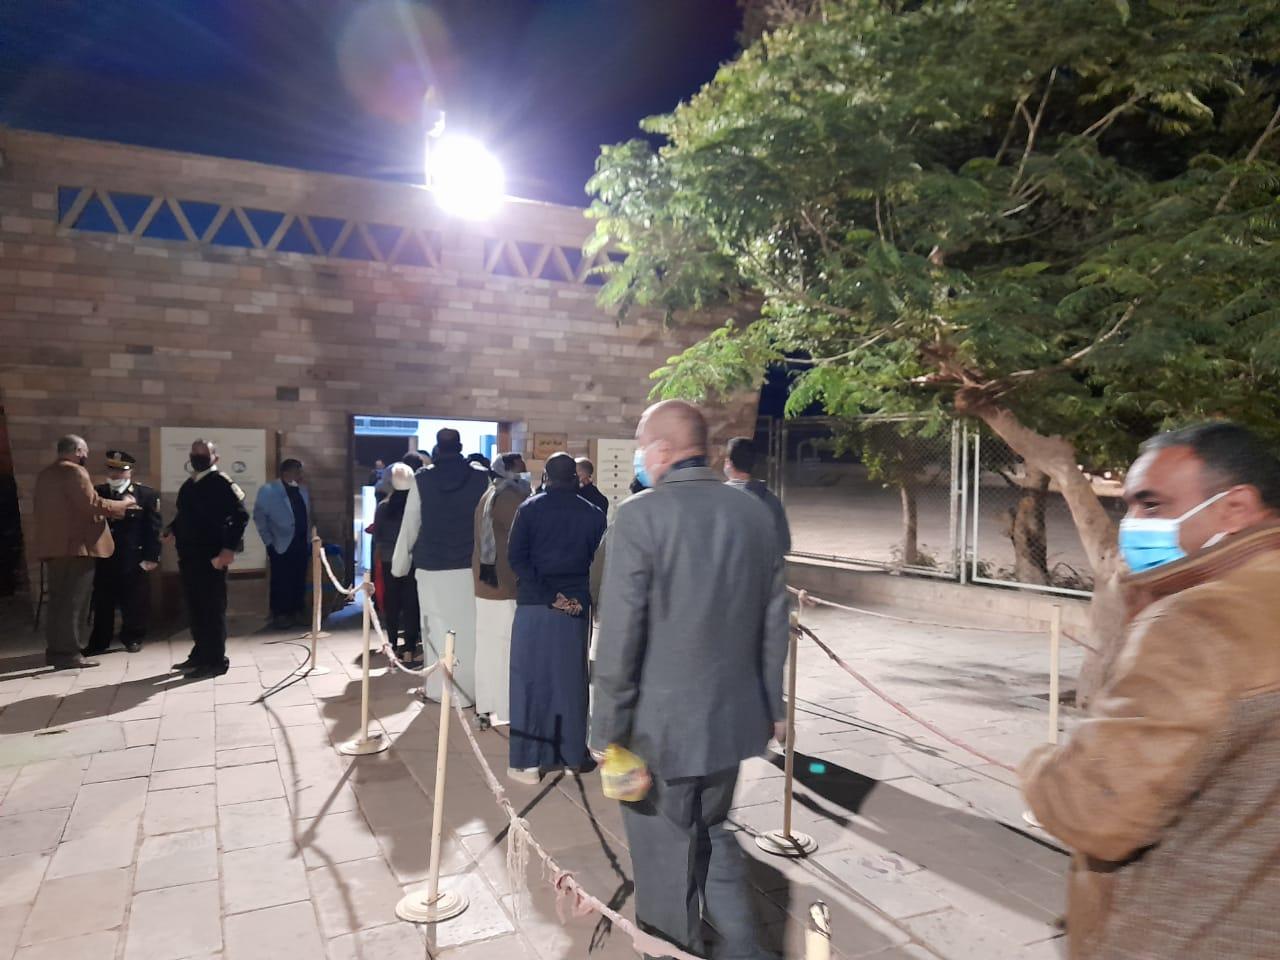 توافد الزوار على معبد أبوسمبل لحضور تعامد الشمس (2)